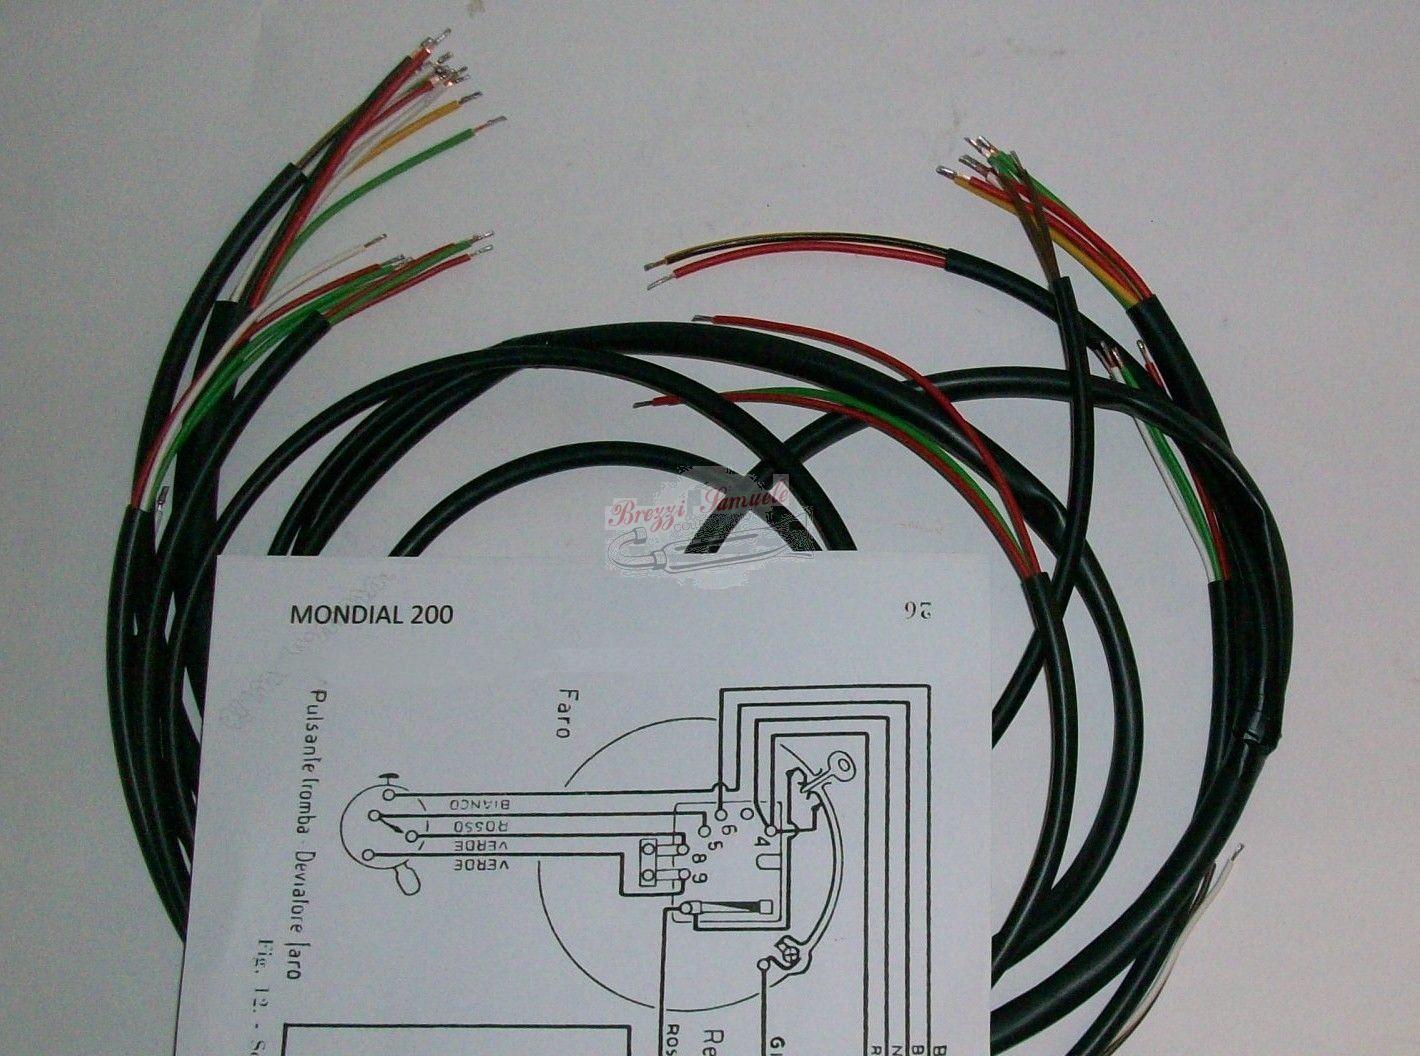 Schema Elettrico Wiring Diagram : Prodotto im impianto elettrico mondial schema